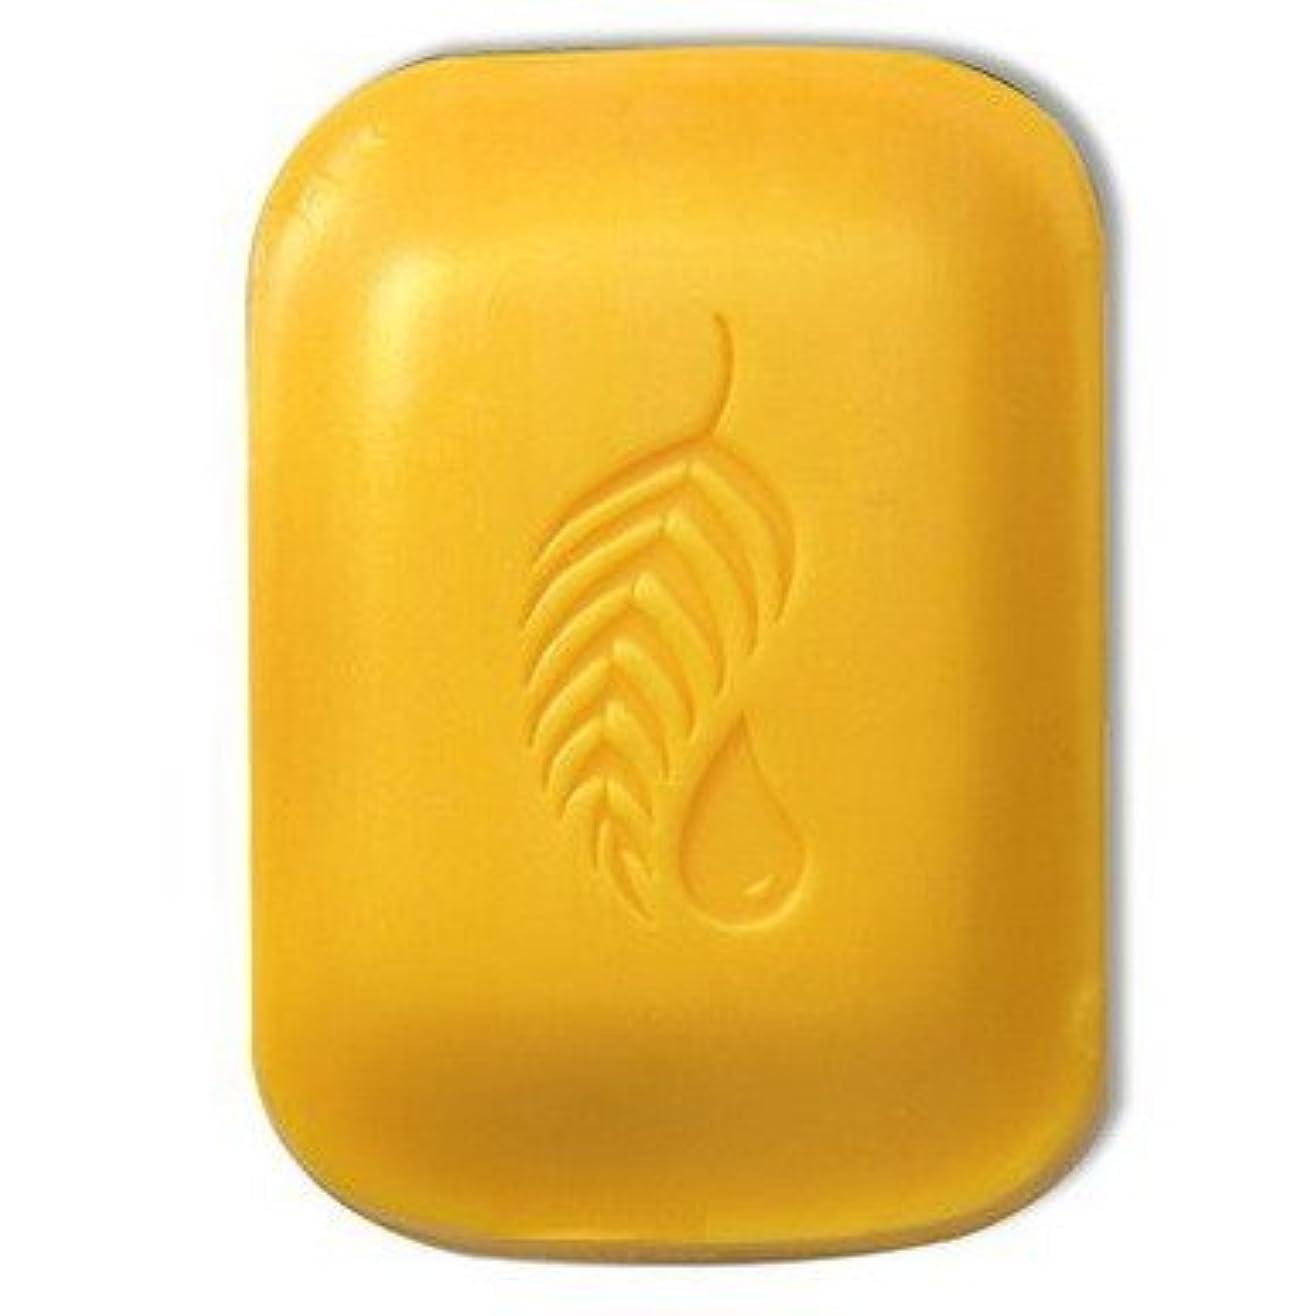 省プラスチックテラス【Melaleuca(メラルーカ)】ゴールド バー 127.5g [並行輸入品]